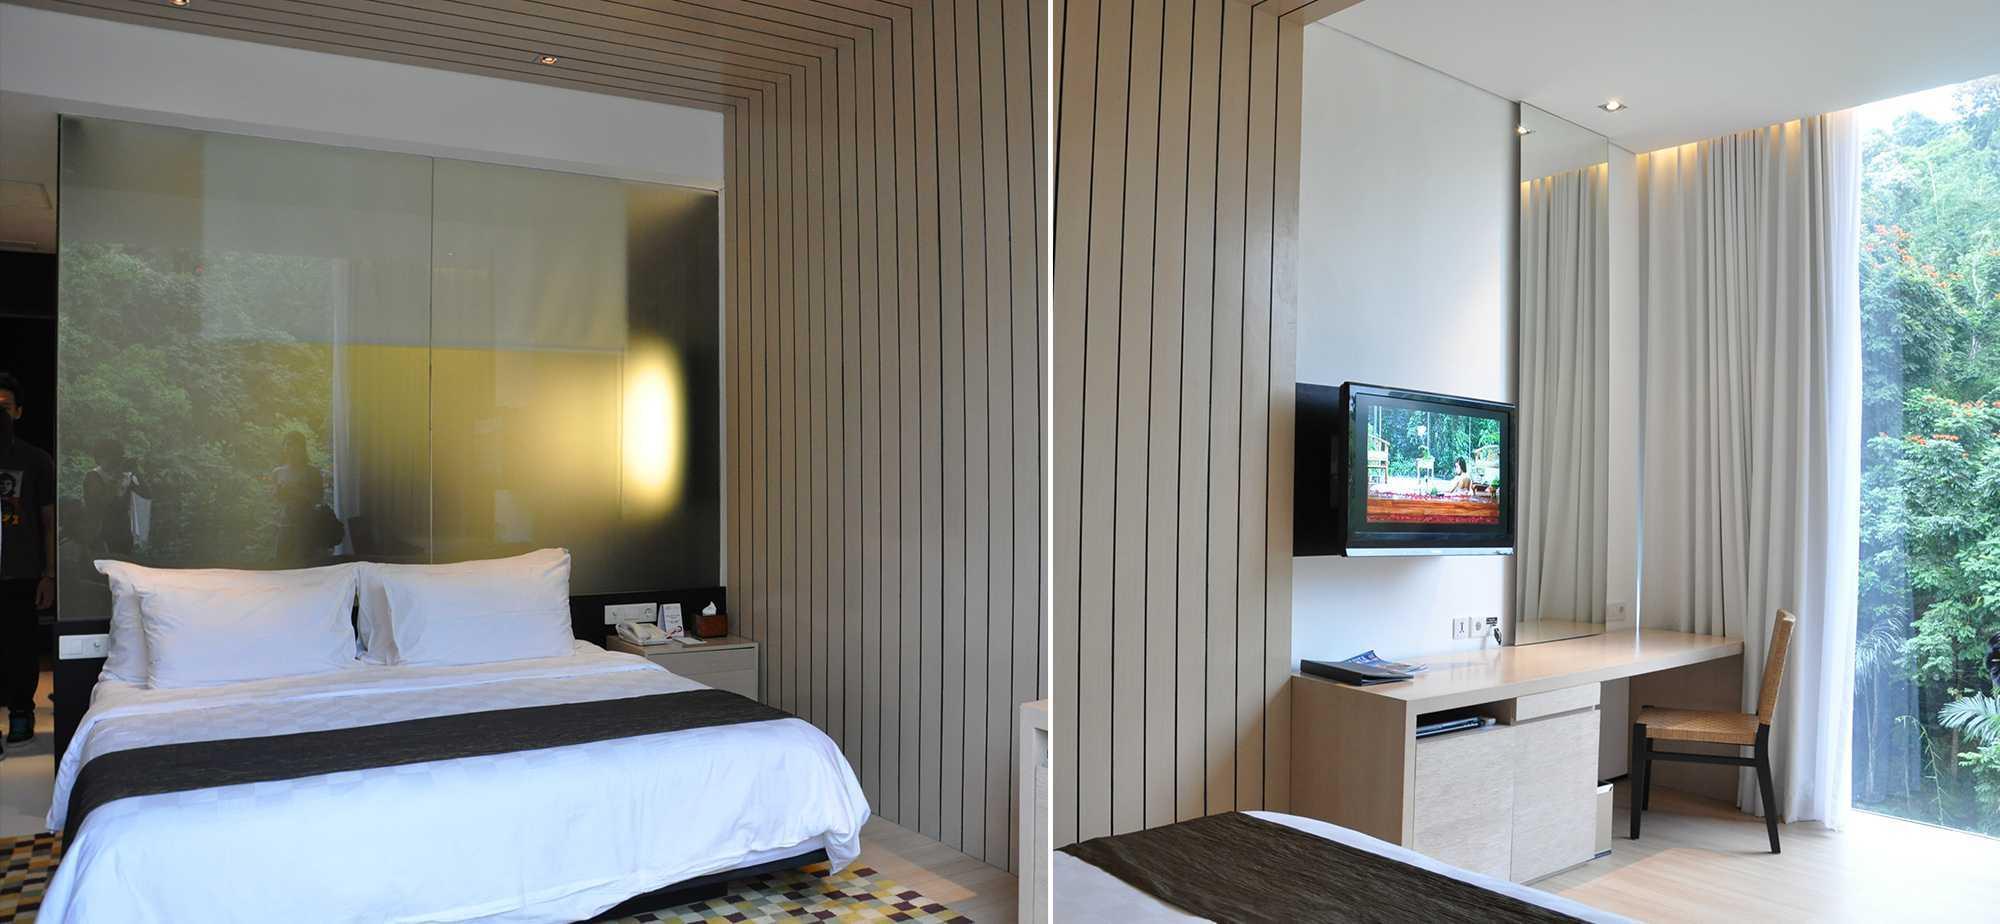 Enviro Tec Padma Hotel Bandung Bandung Bandung Hotel Room Modern  14696